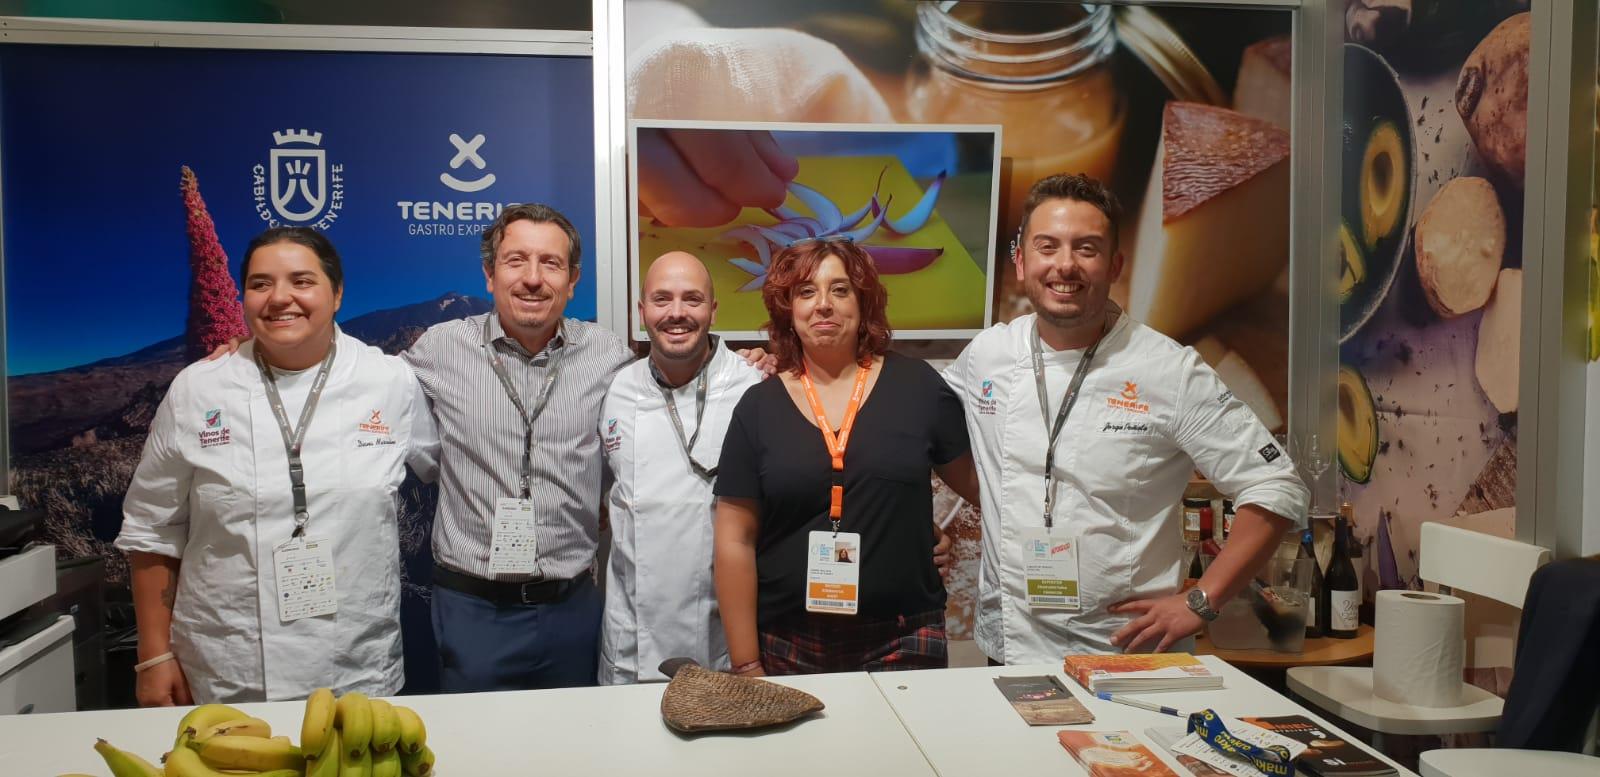 Tenerife fascina con sus chefs y  productos en San Sebastián Gastronomika